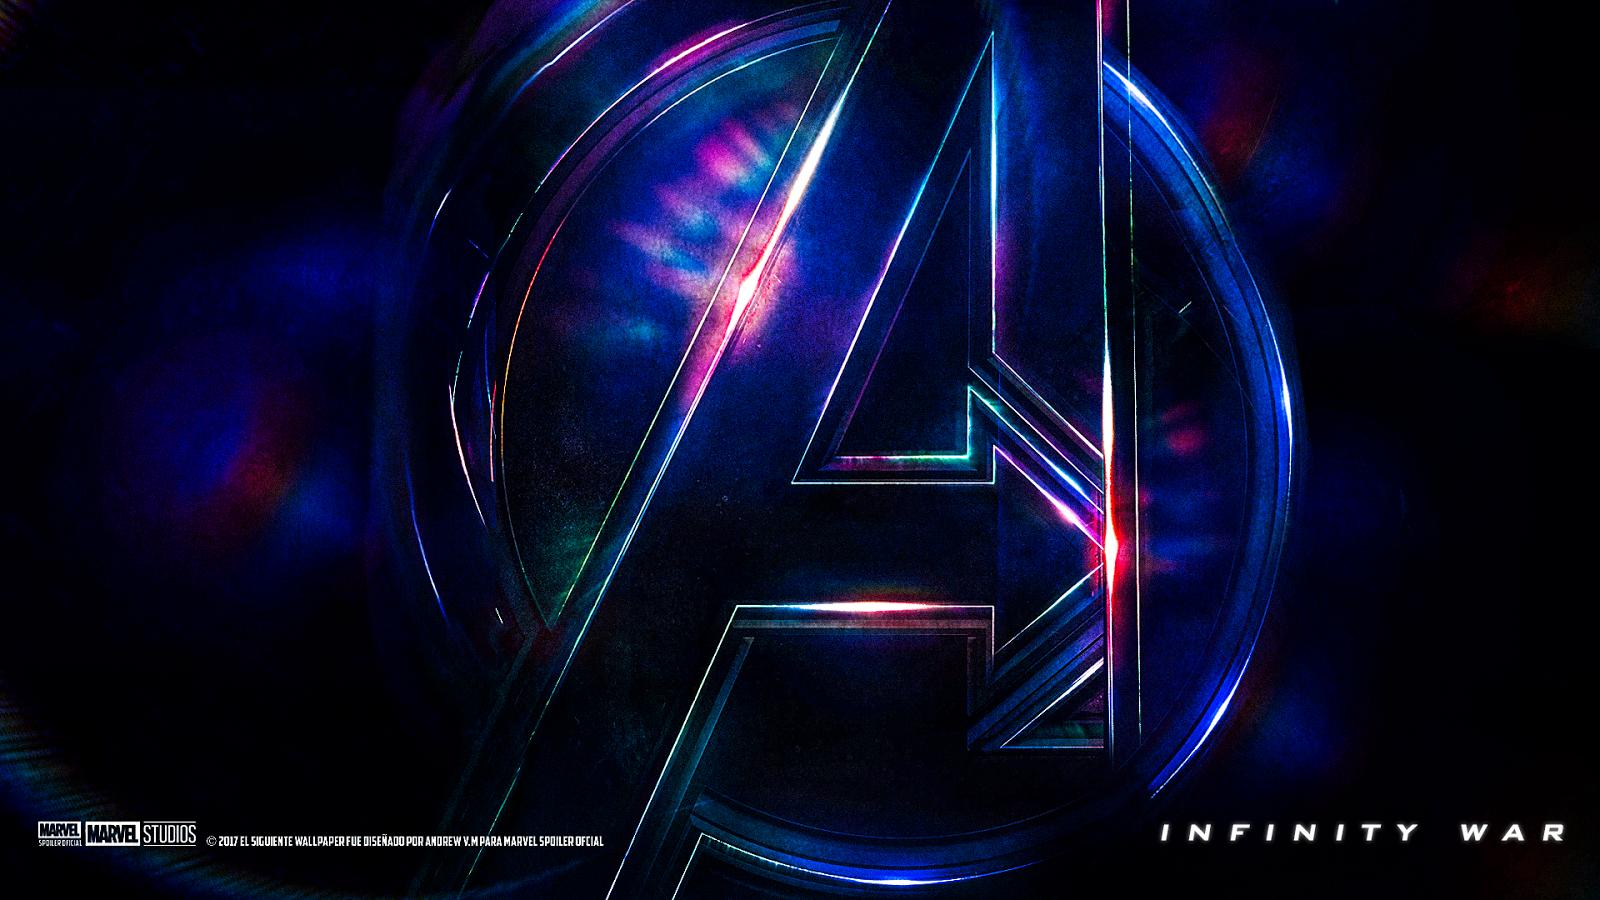 Marvel Spoiler Oficial Avengers Infinity War Wallpapers Marvel Avenger Desktop Spoiler Poster Logos Mobile Oficial In 2020 Avengers Infinity War Best Avenger Avengers